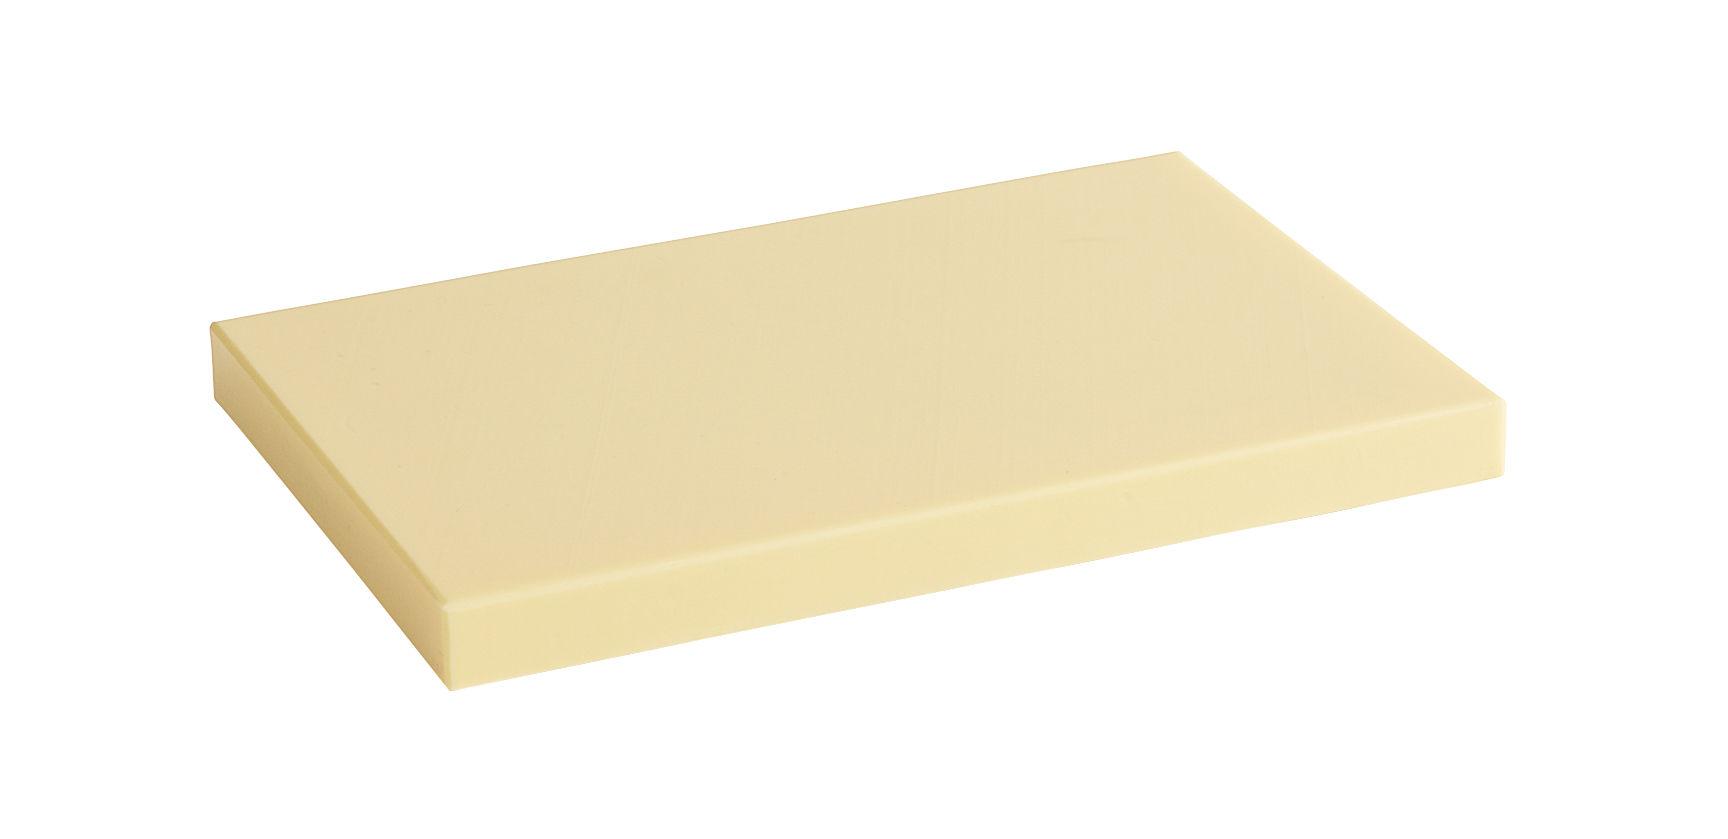 planche 224 d 233 couper medium hay jaune made in design